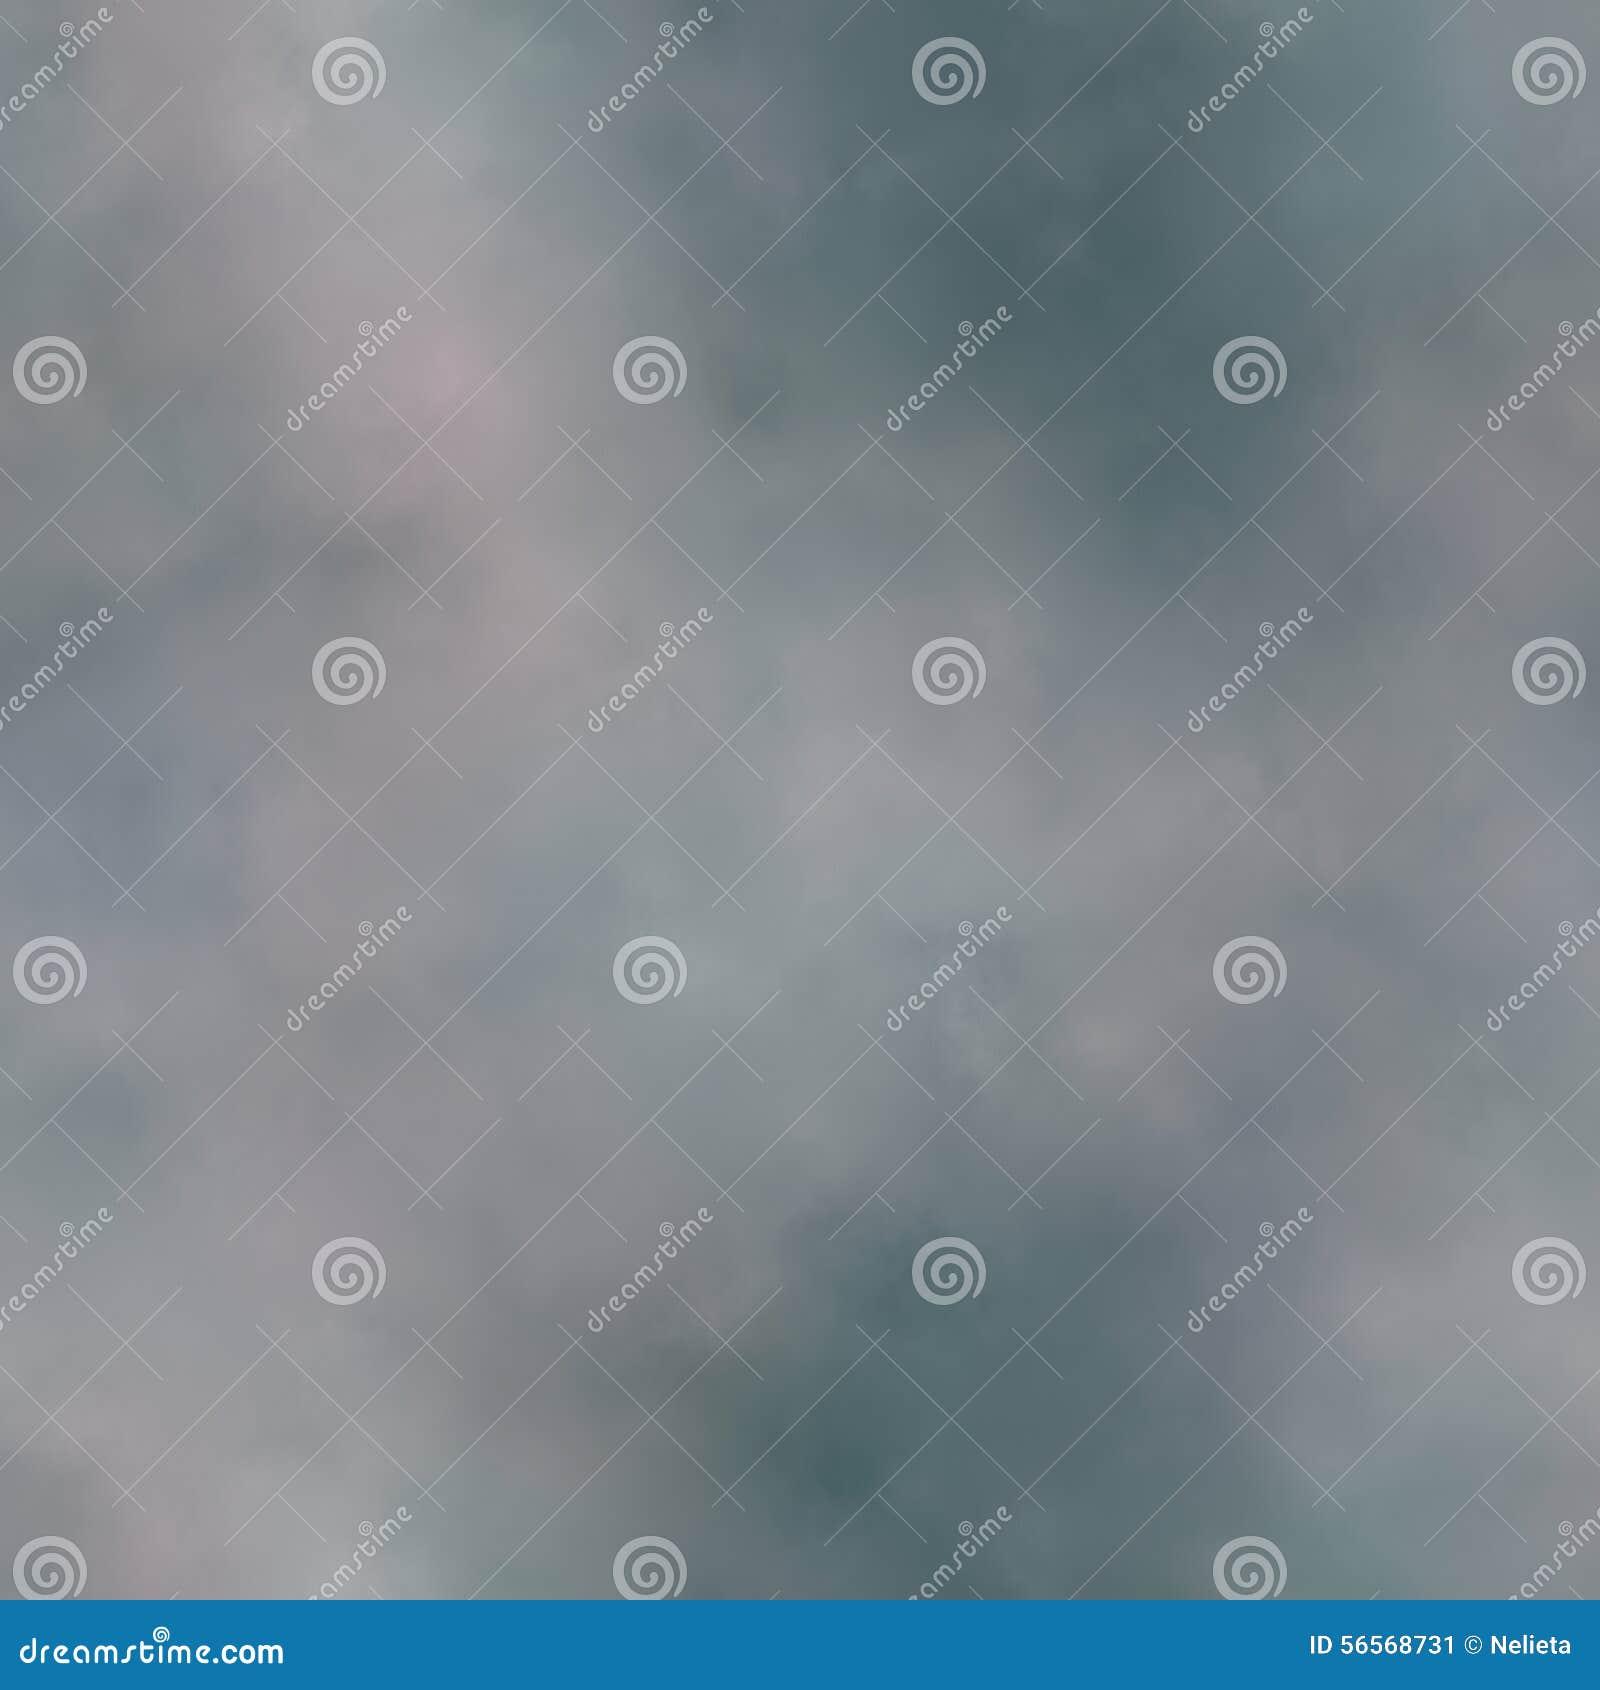 Grey Studio backdrop